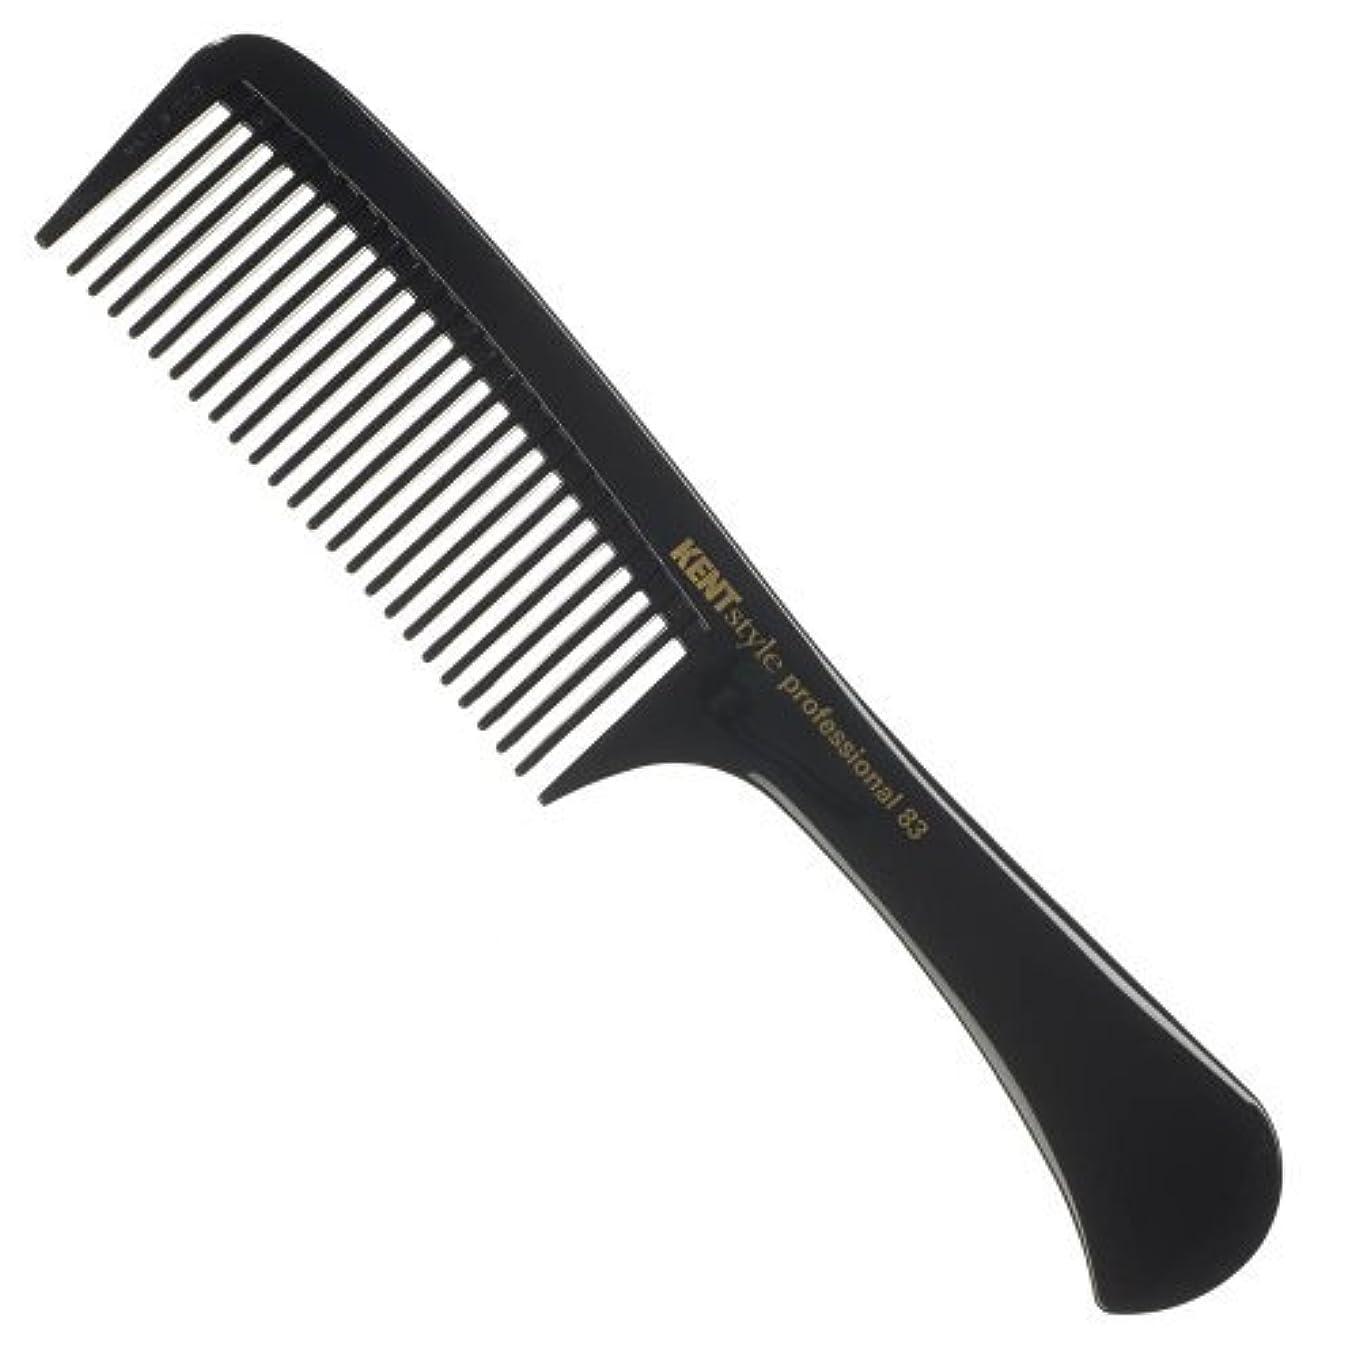 枯れるインフレーションリズムKent Style Professional Combs (Black) - Hard Rubber, Anti-static, Unbreakable & Heat Resistant - Salon & Barber...